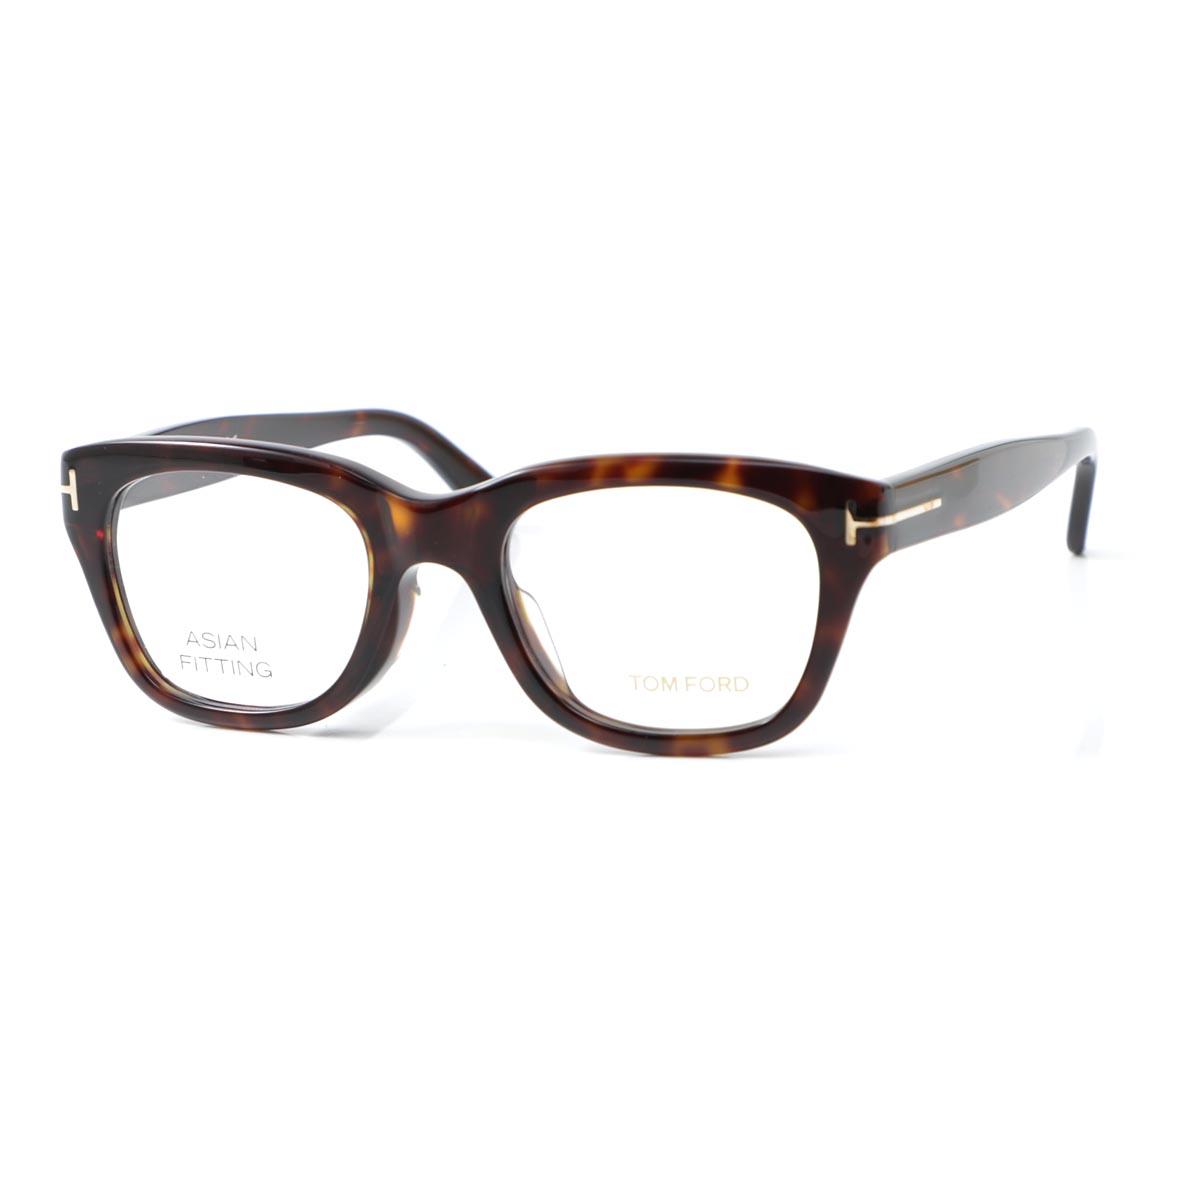 トムフォード TOM FORD 眼鏡 メガネ ブラウン メンズ フレーム ft5178 052 CLASSIC SOFT SQUARE スクエア【ラッピング無料】【返品送料無料】【あす楽対応_関東】